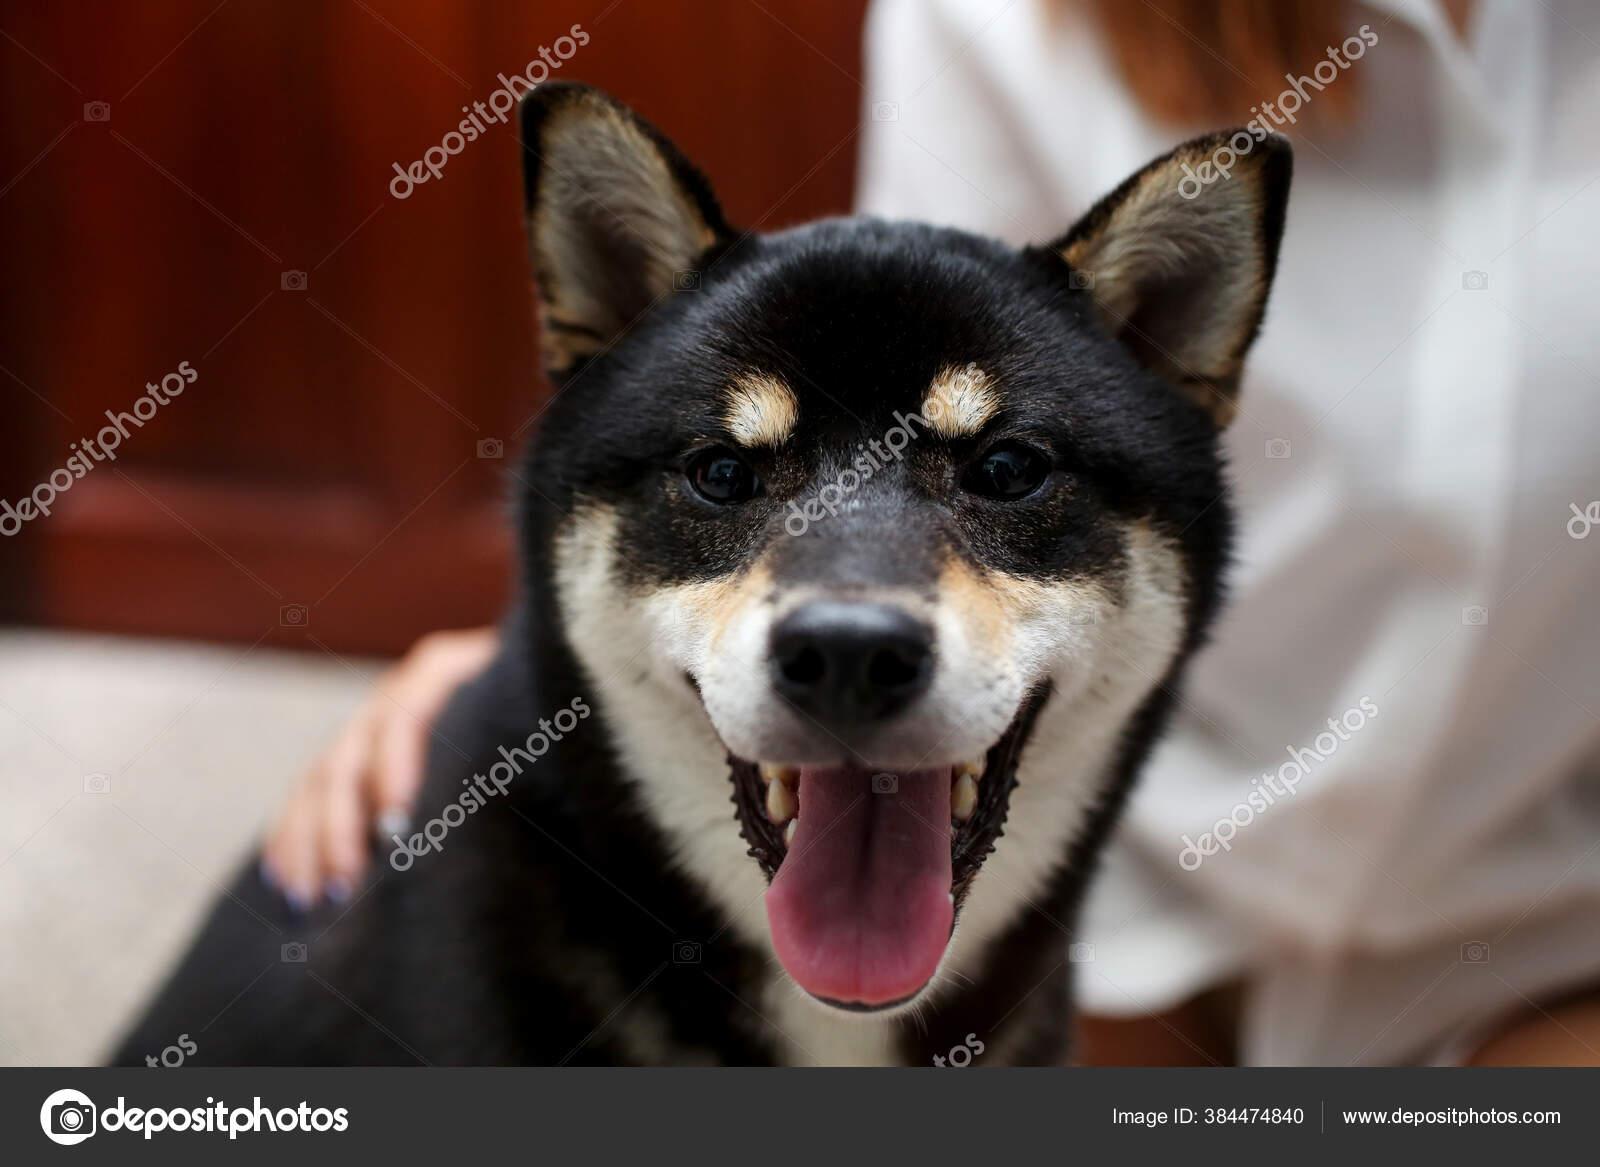 Doge Dog Stock Photos Royalty Free Doge Dog Images Depositphotos